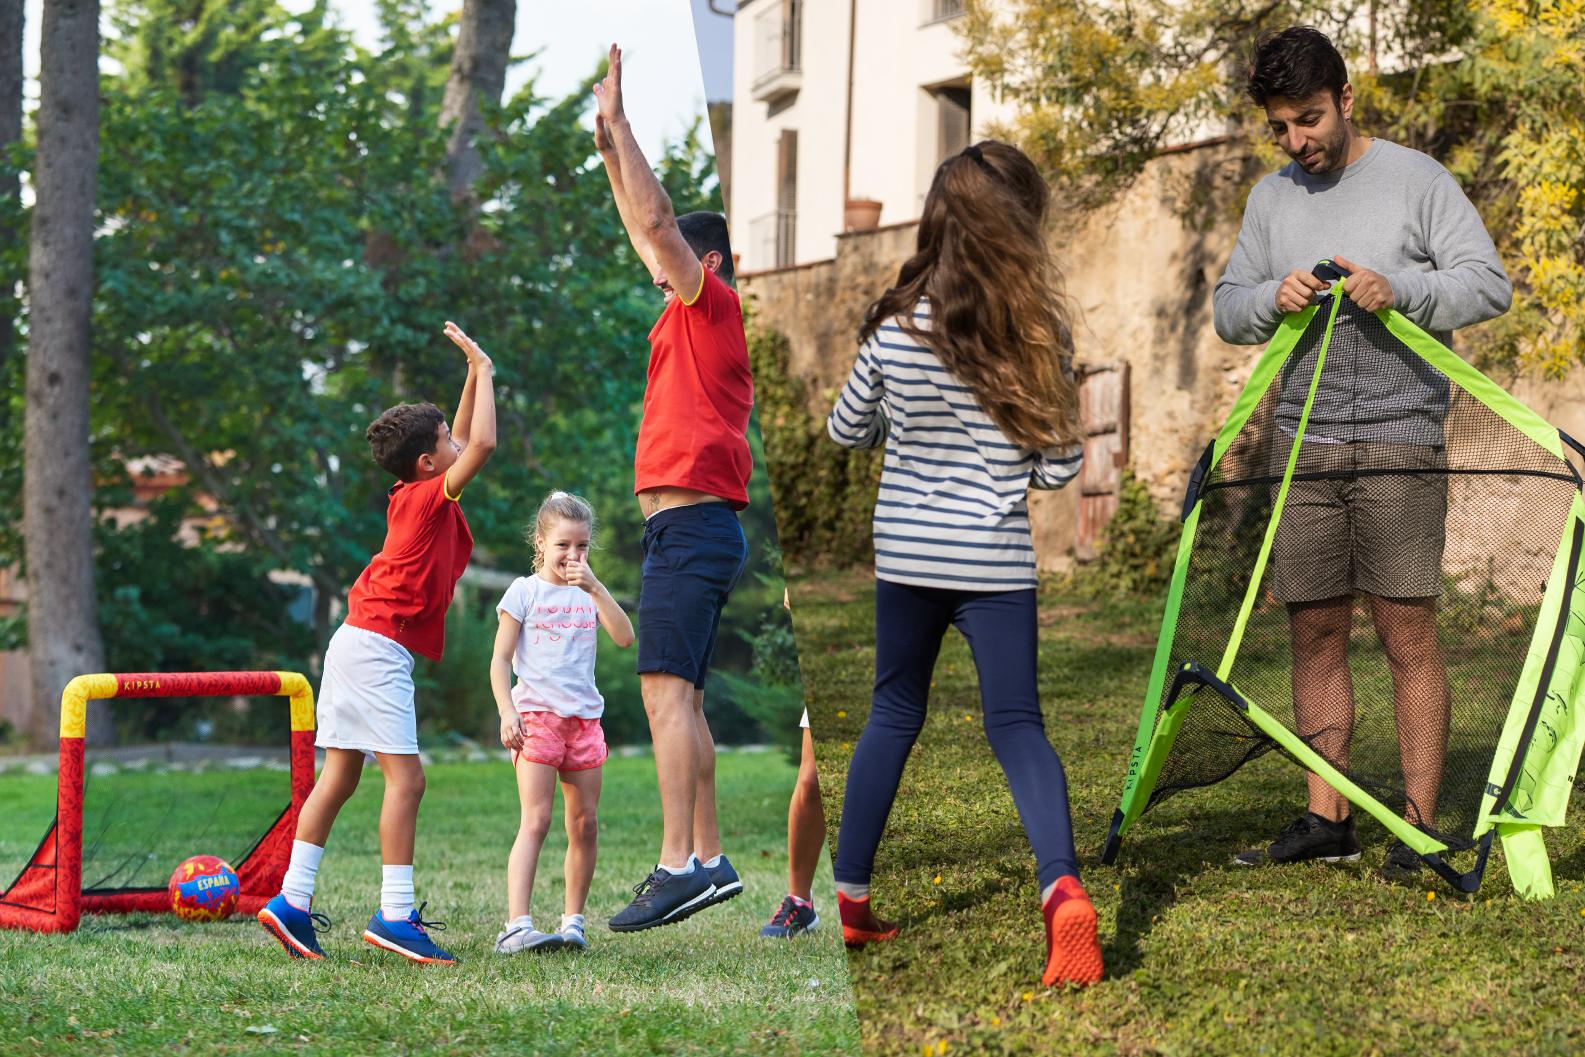 Football nets for children.